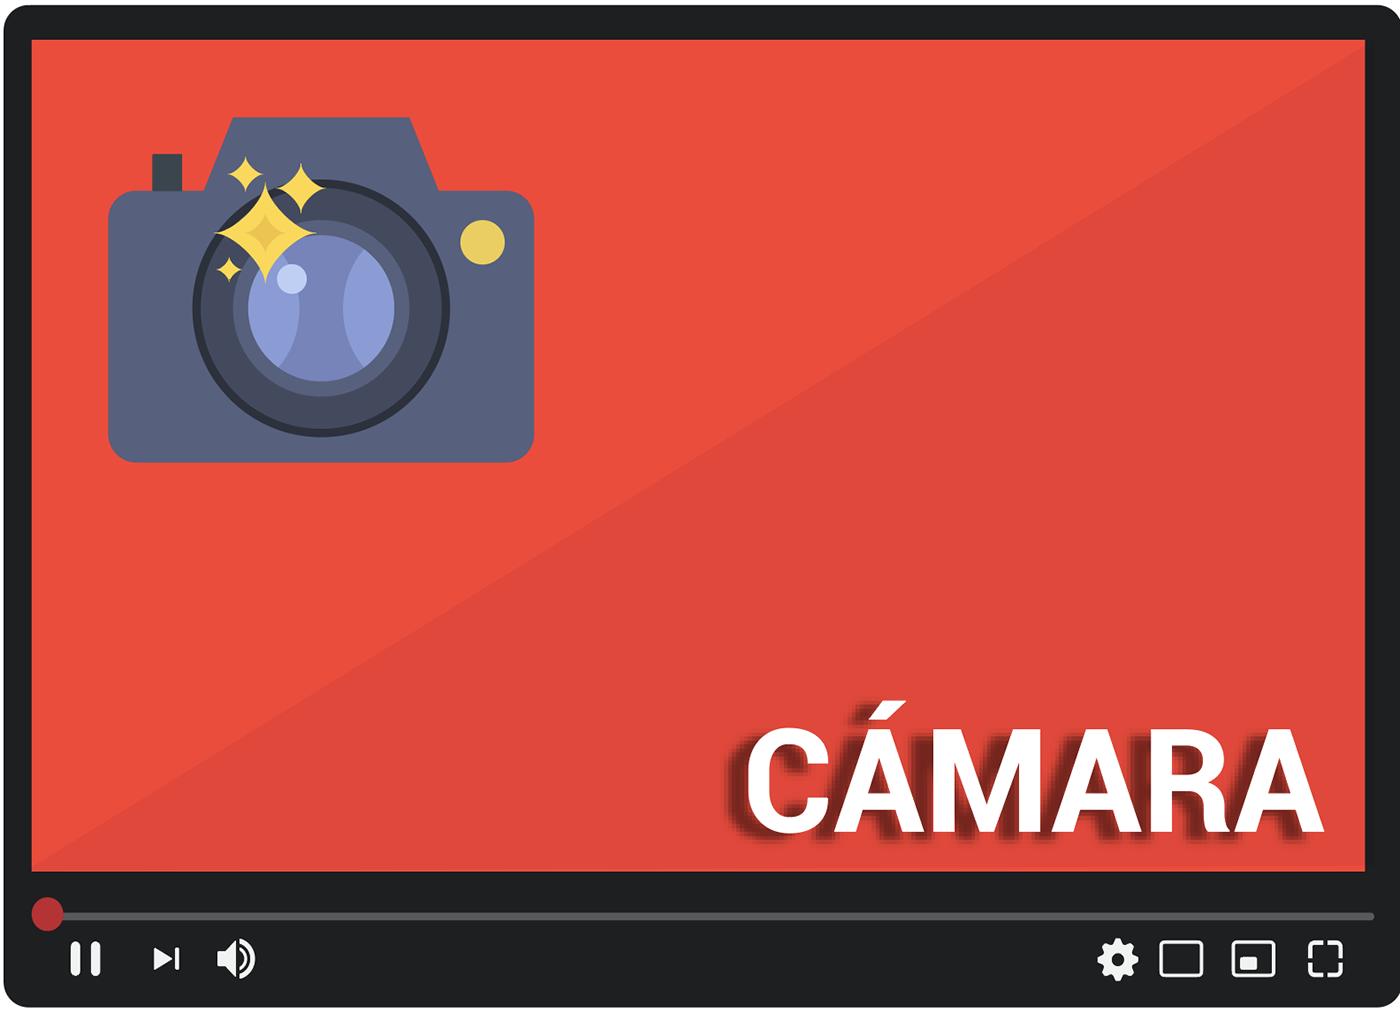 necesitarás ¡una cámara!, debe ser tu prioridad si deseas salir en pantalla o mostrar tu alrededor. S